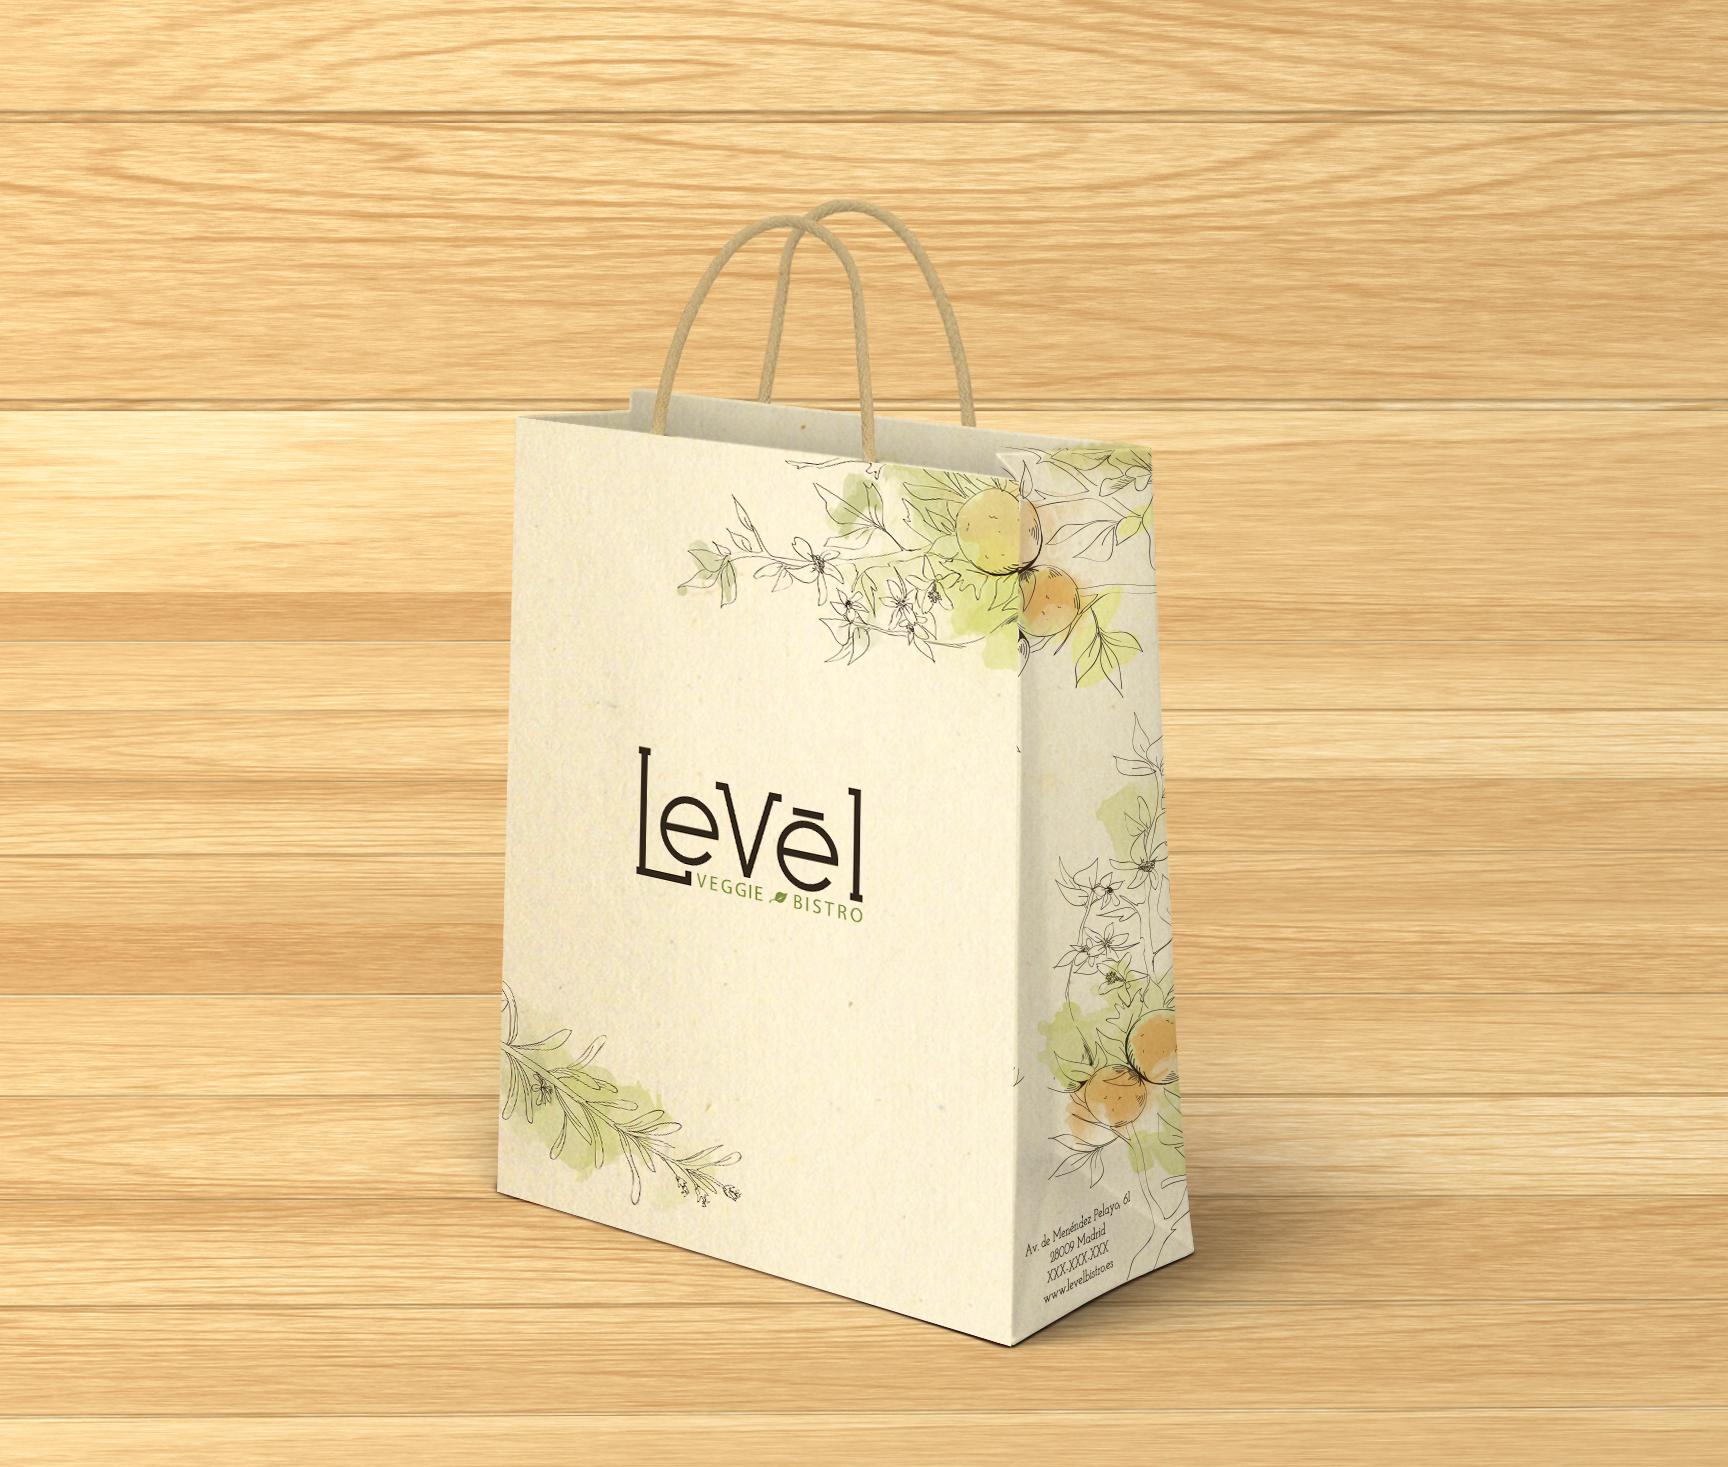 Bolsa para Levél